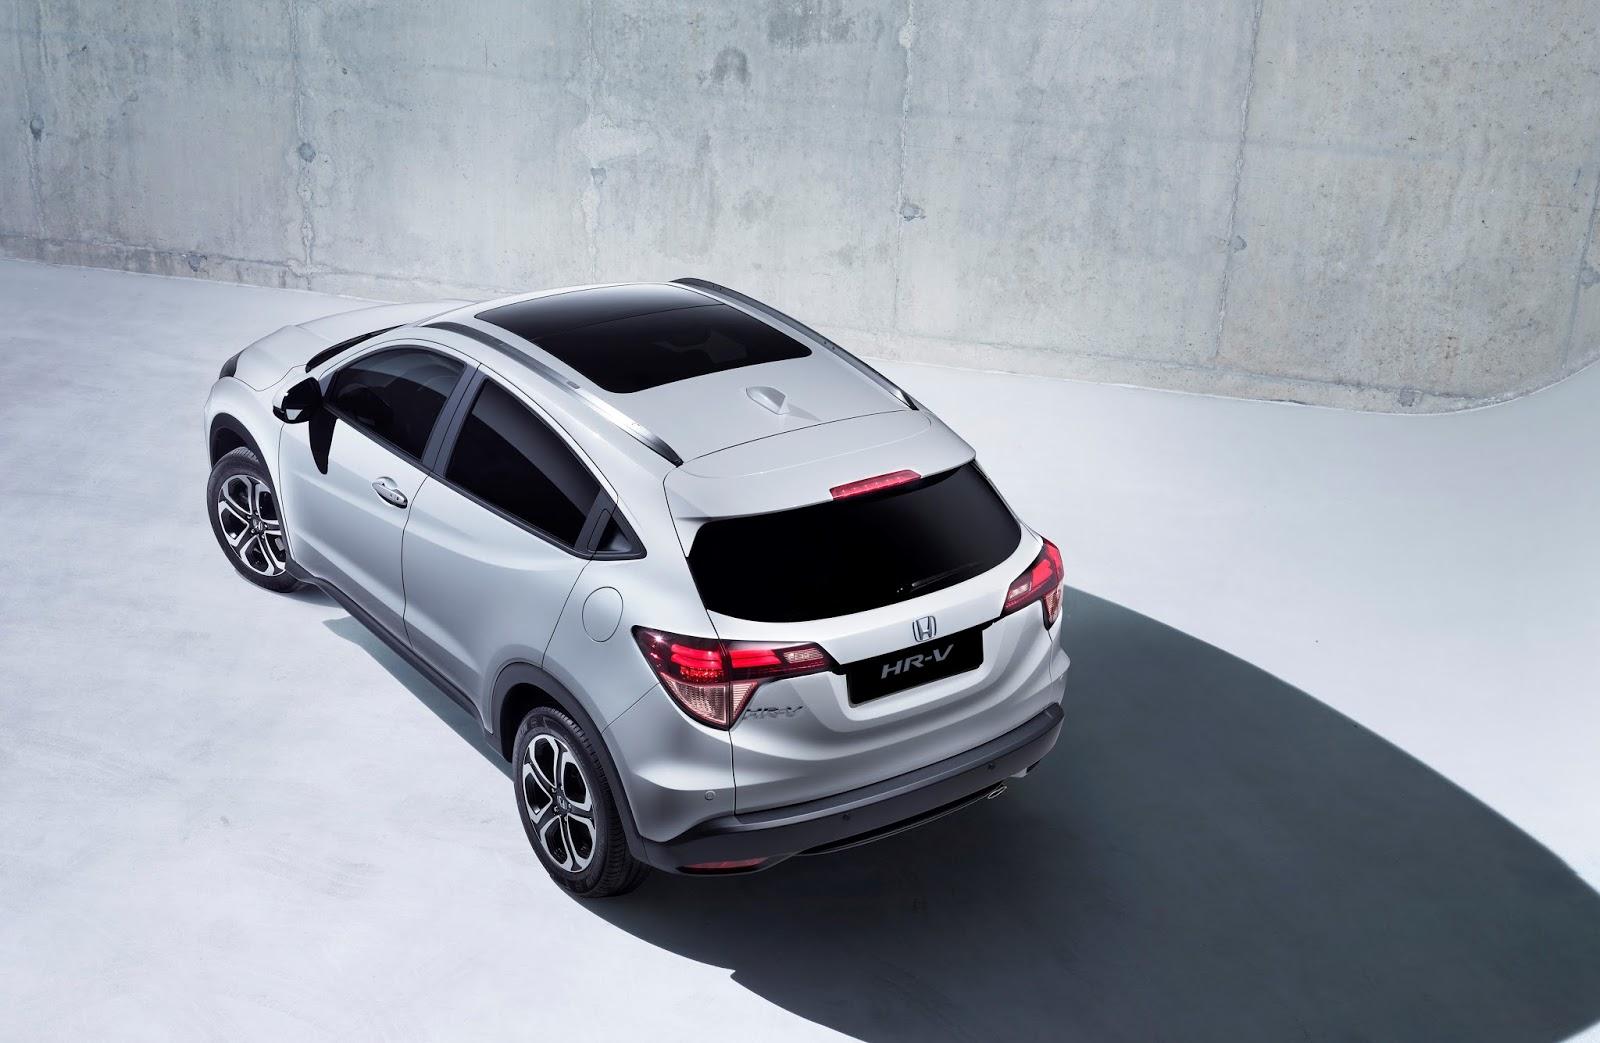 40676 2015 Honda HR V Όλες οι λεπτομέρειες για το νέο Honda HR-V Honda, Honda HR-V, HR-V, SUV